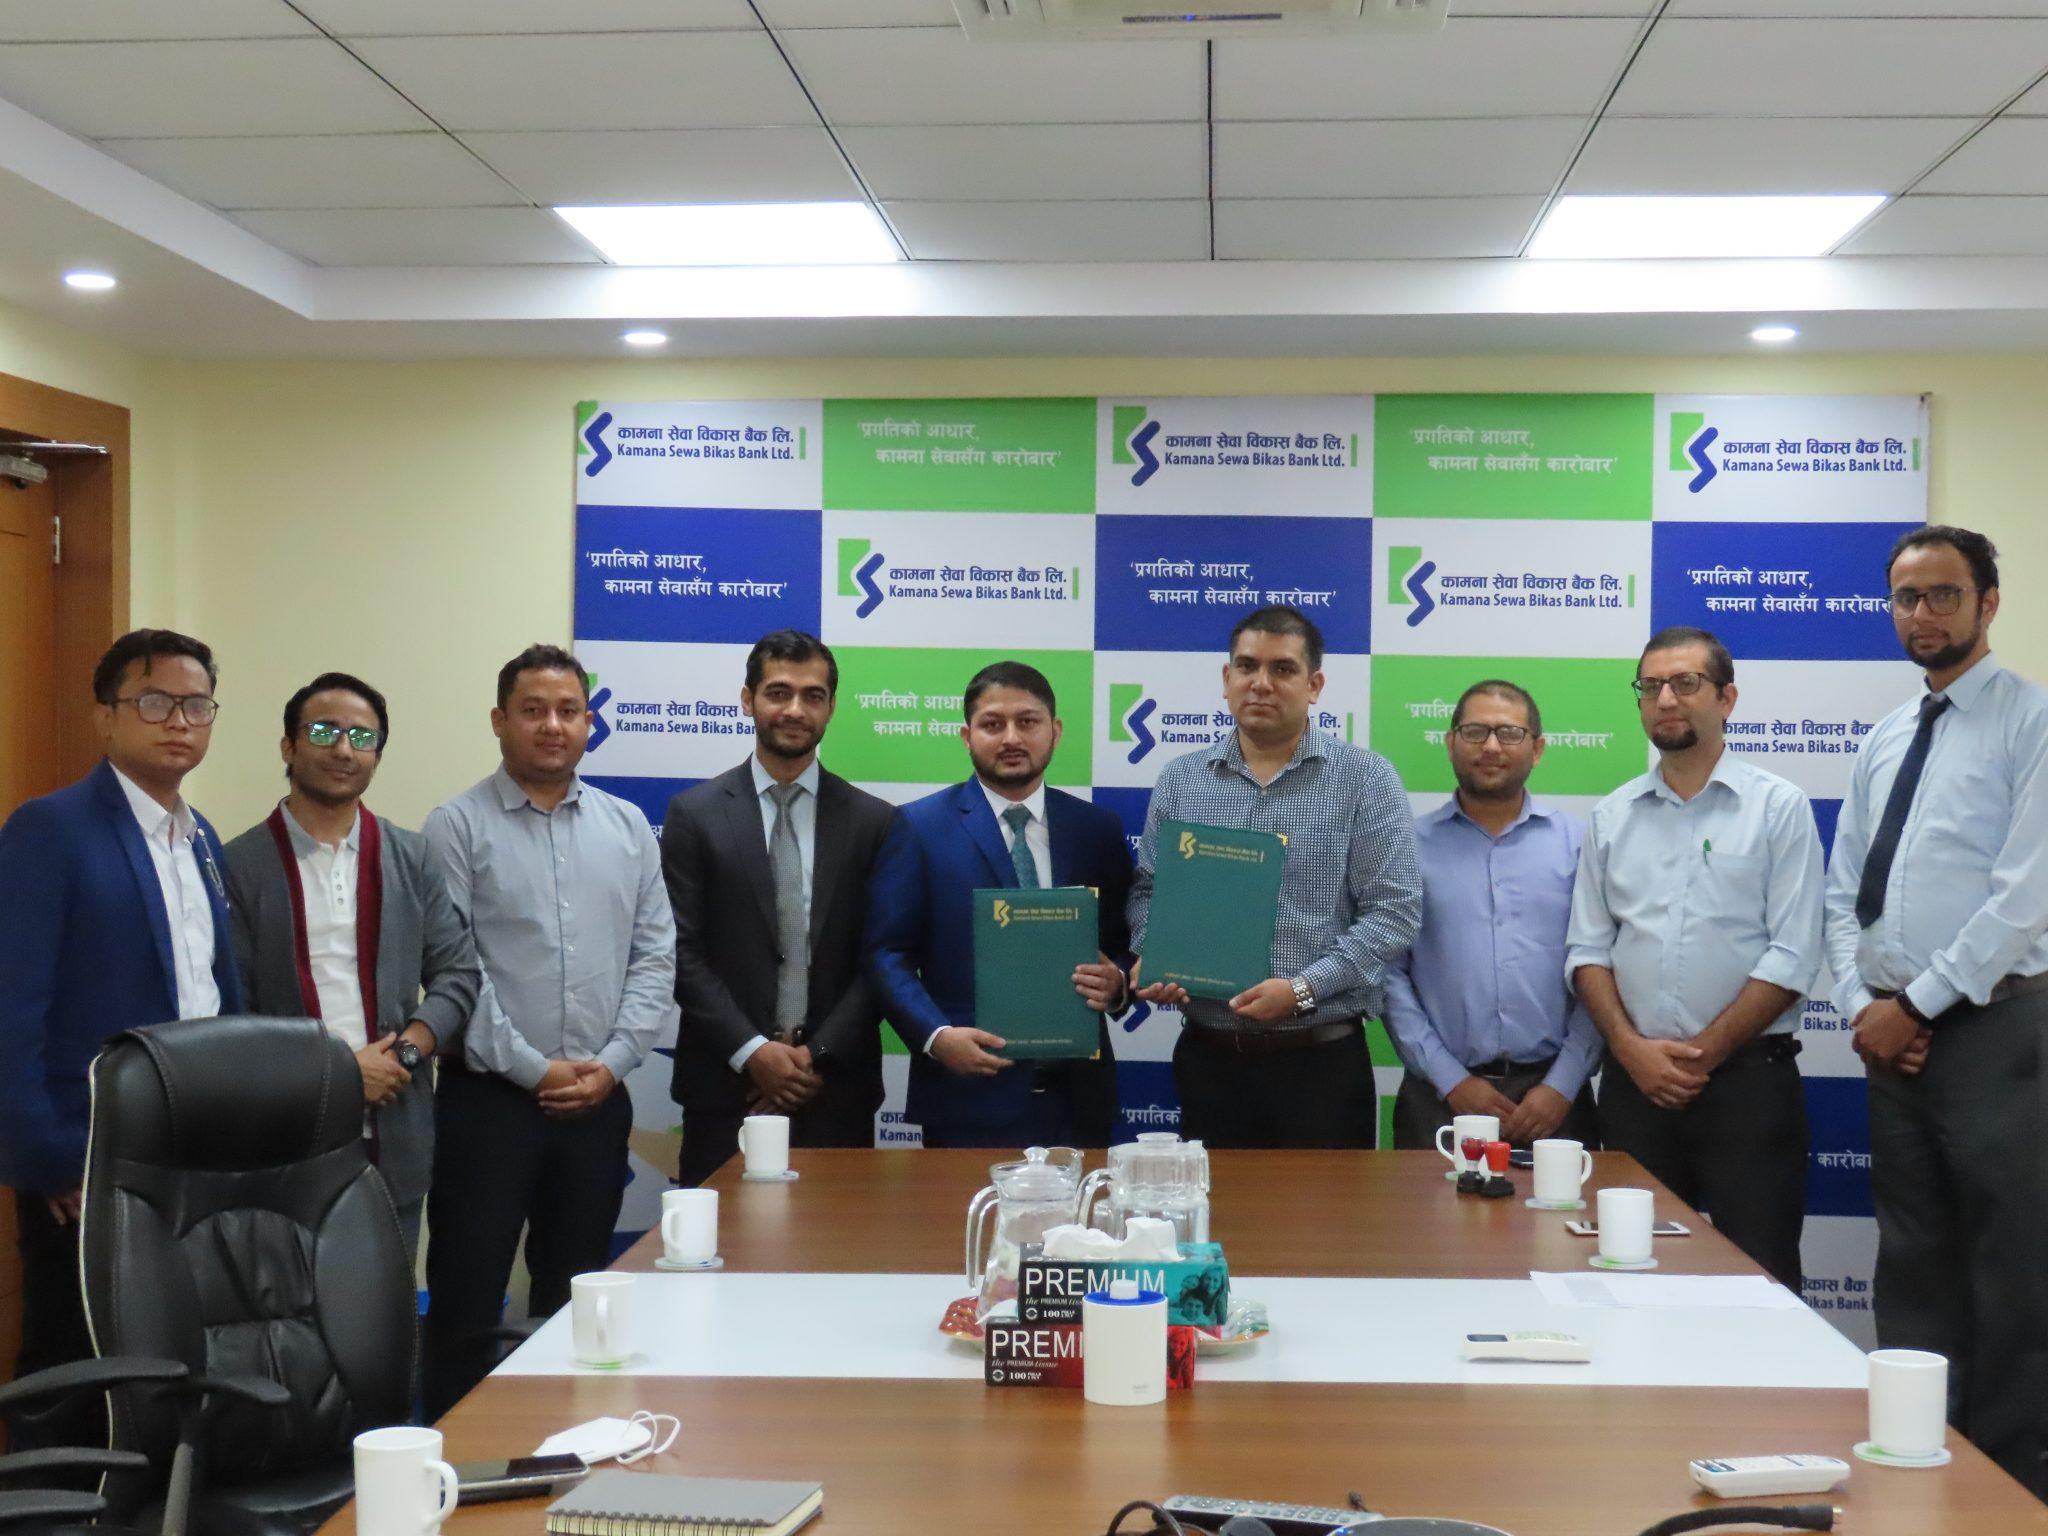 सहुलियतपूर्ण कर्जाका लागि कामना सेवा विकास बैंक र अल पसलबीच समझदारी